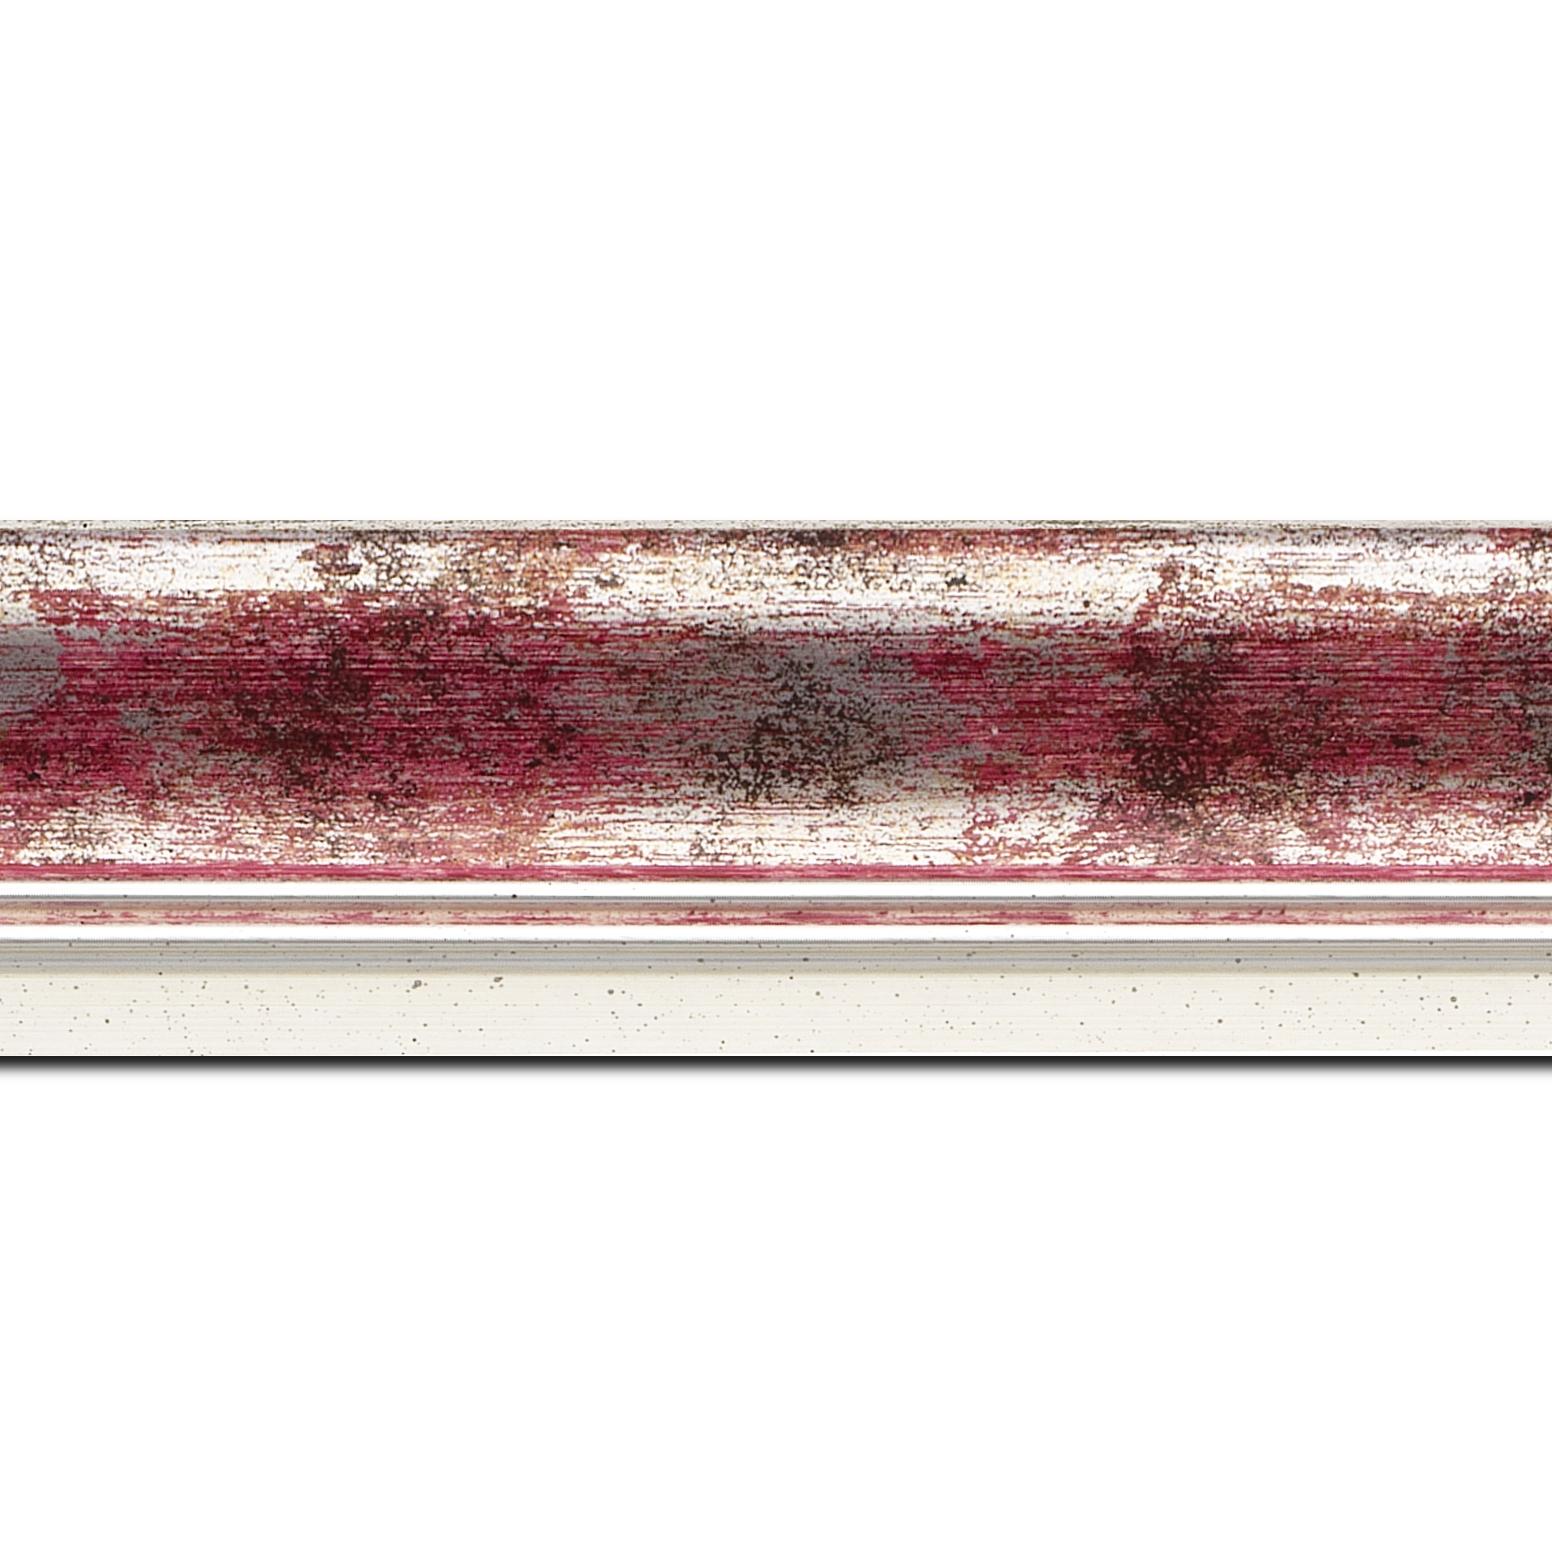 Pack par 12m, bois profil incurvé largeur 5.7cm de couleur rose fushia fond argent marie louise blanche mouchetée filet argent intégré(longueur baguette pouvant varier entre 2.40m et 3m selon arrivage des bois)